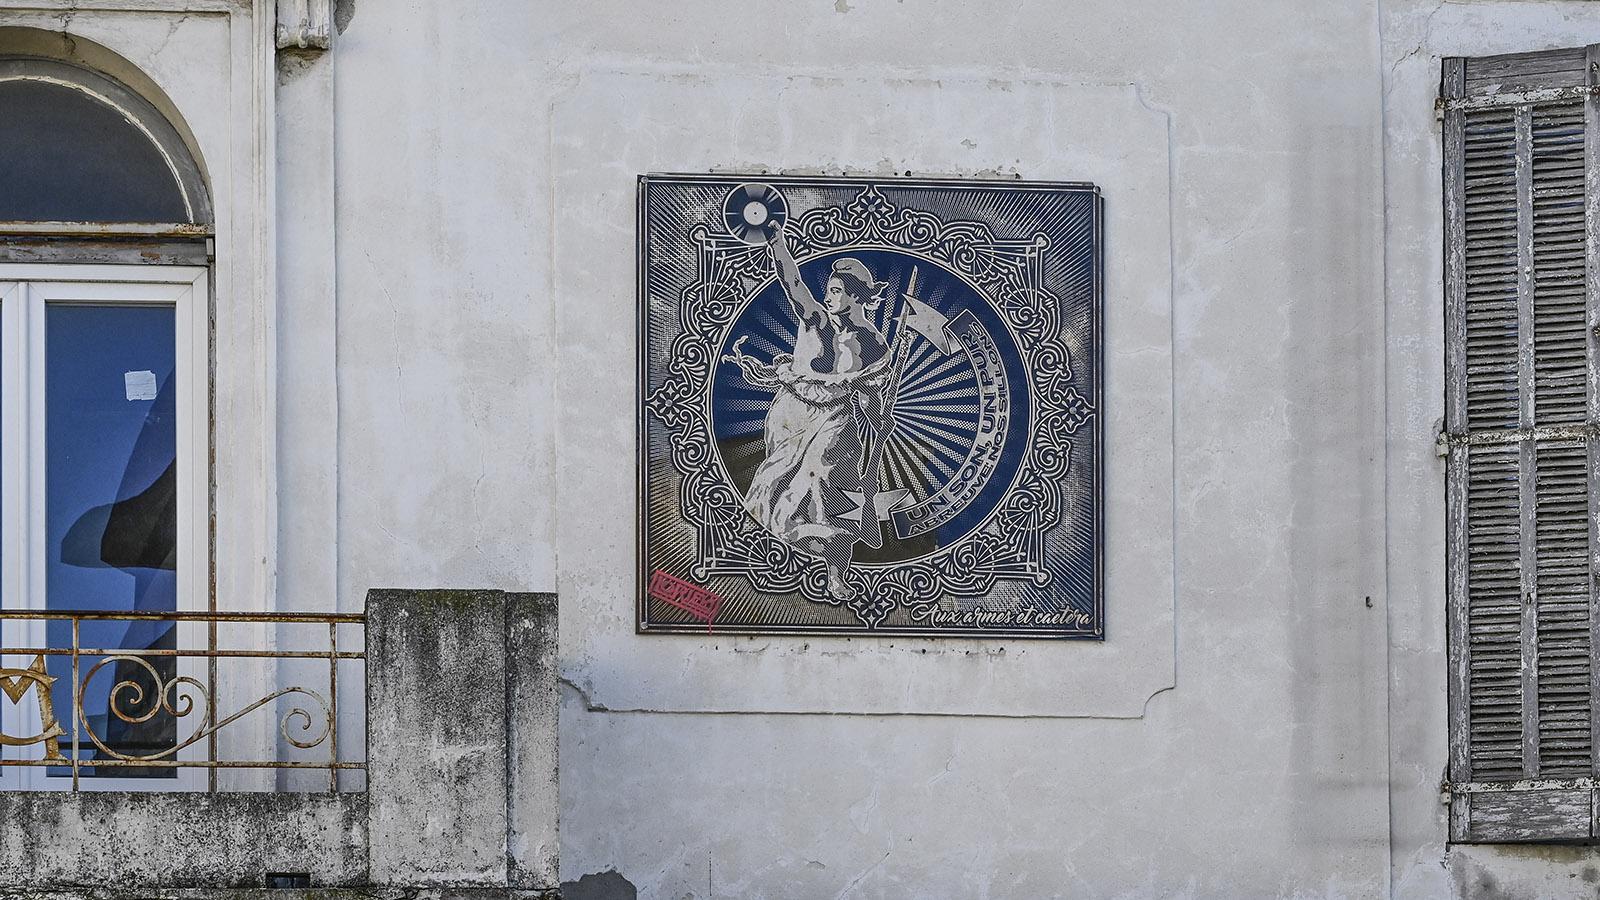 Street Art Nîmes, Richelieu: Ganz sozialistisch gibt sich die Marianne auf der Fassade des einstigen Gewerkschaftshauses der Eisenbahner. Foto: Hilke Maunder